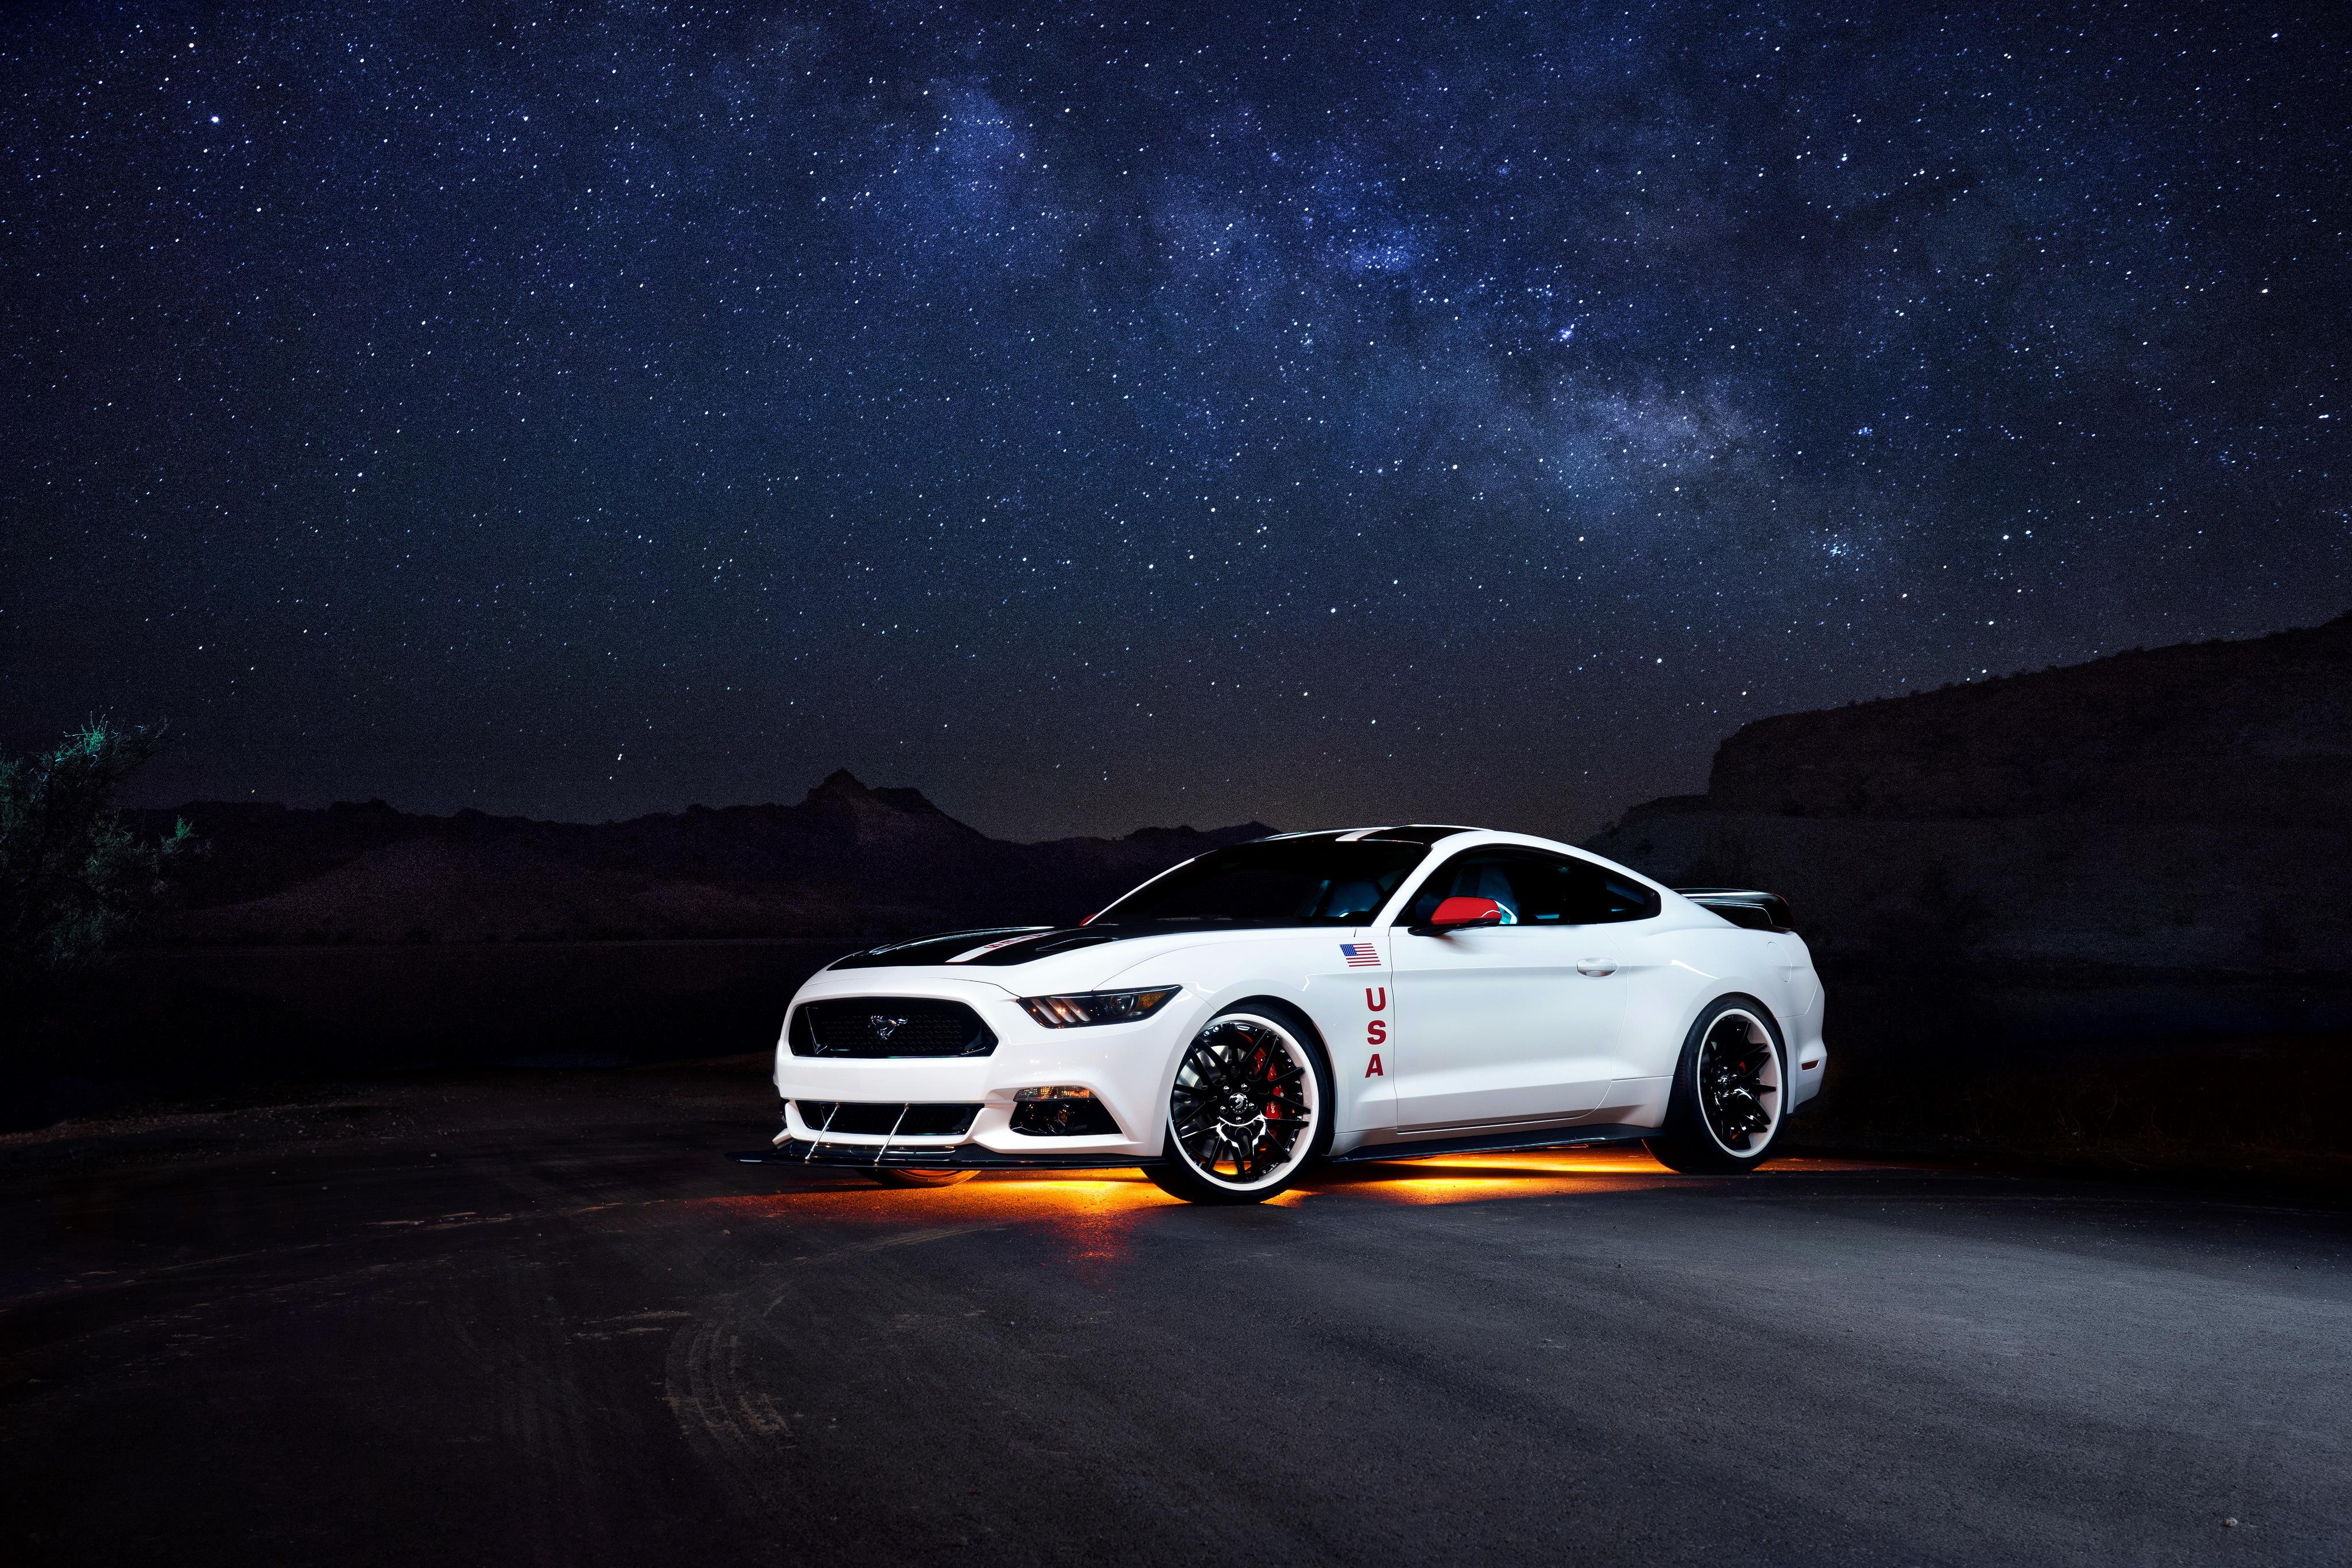 форд мустанг ночью фото #9